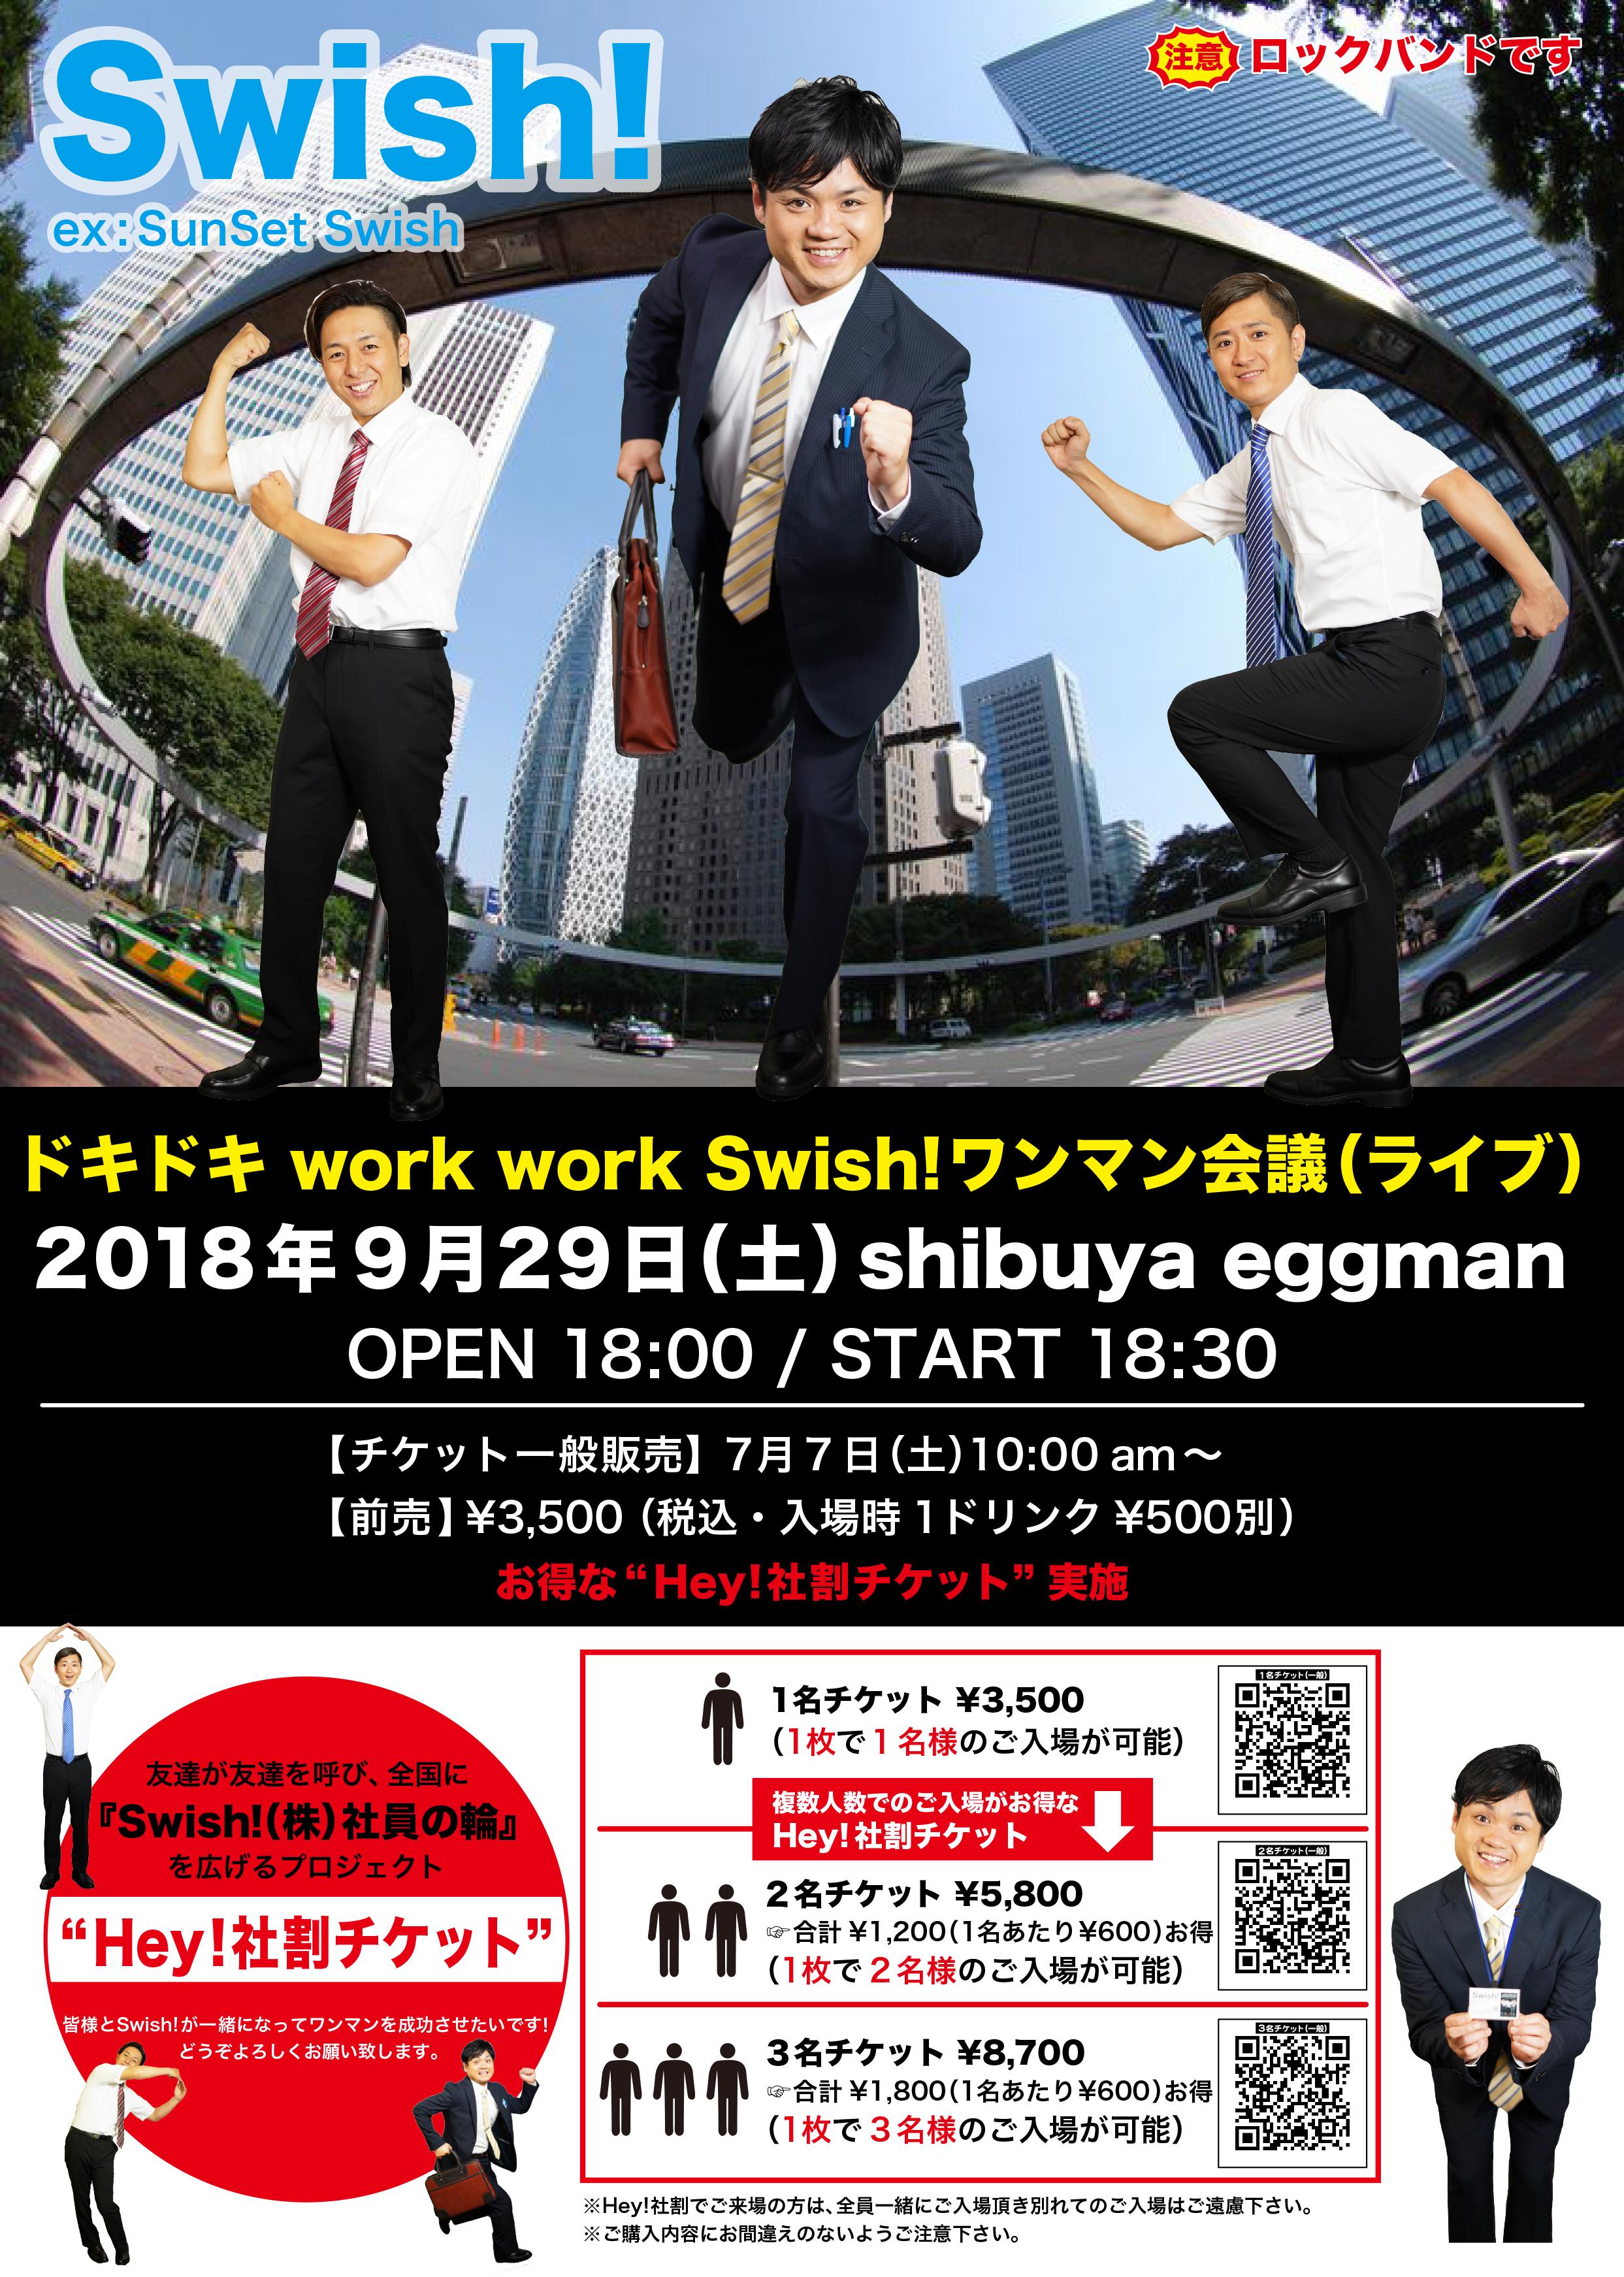 ドキドキ work work Swish!ワンマン会議(ライブ)